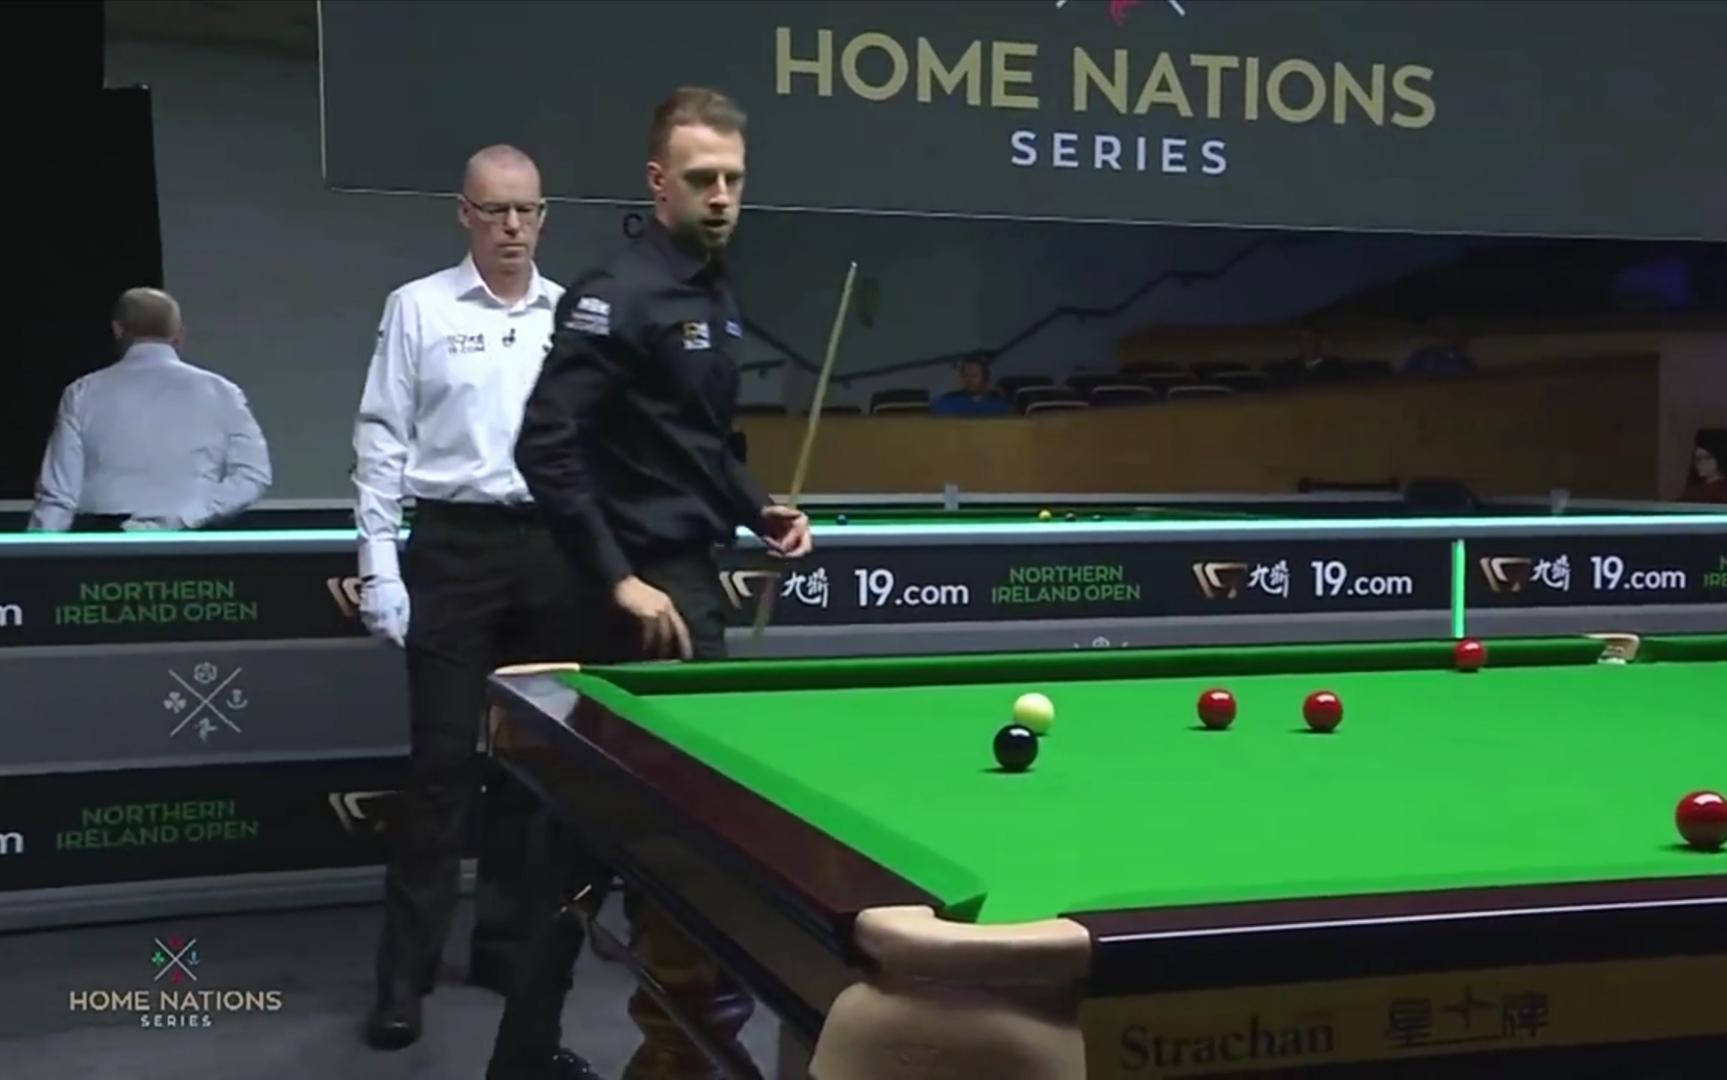 北爱尔兰公开赛:特鲁姆普三破百4-3险胜卡希尔晋级